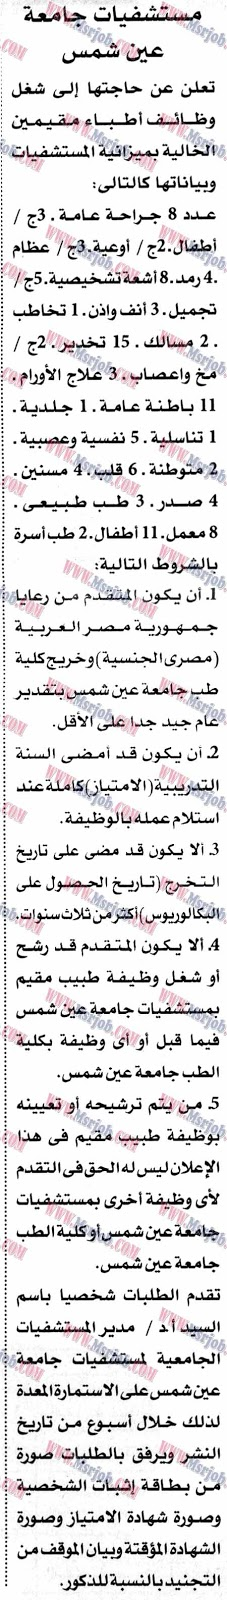 وظائف خالية للاطباء للعمل بمستشفيات جامعة عين شمس